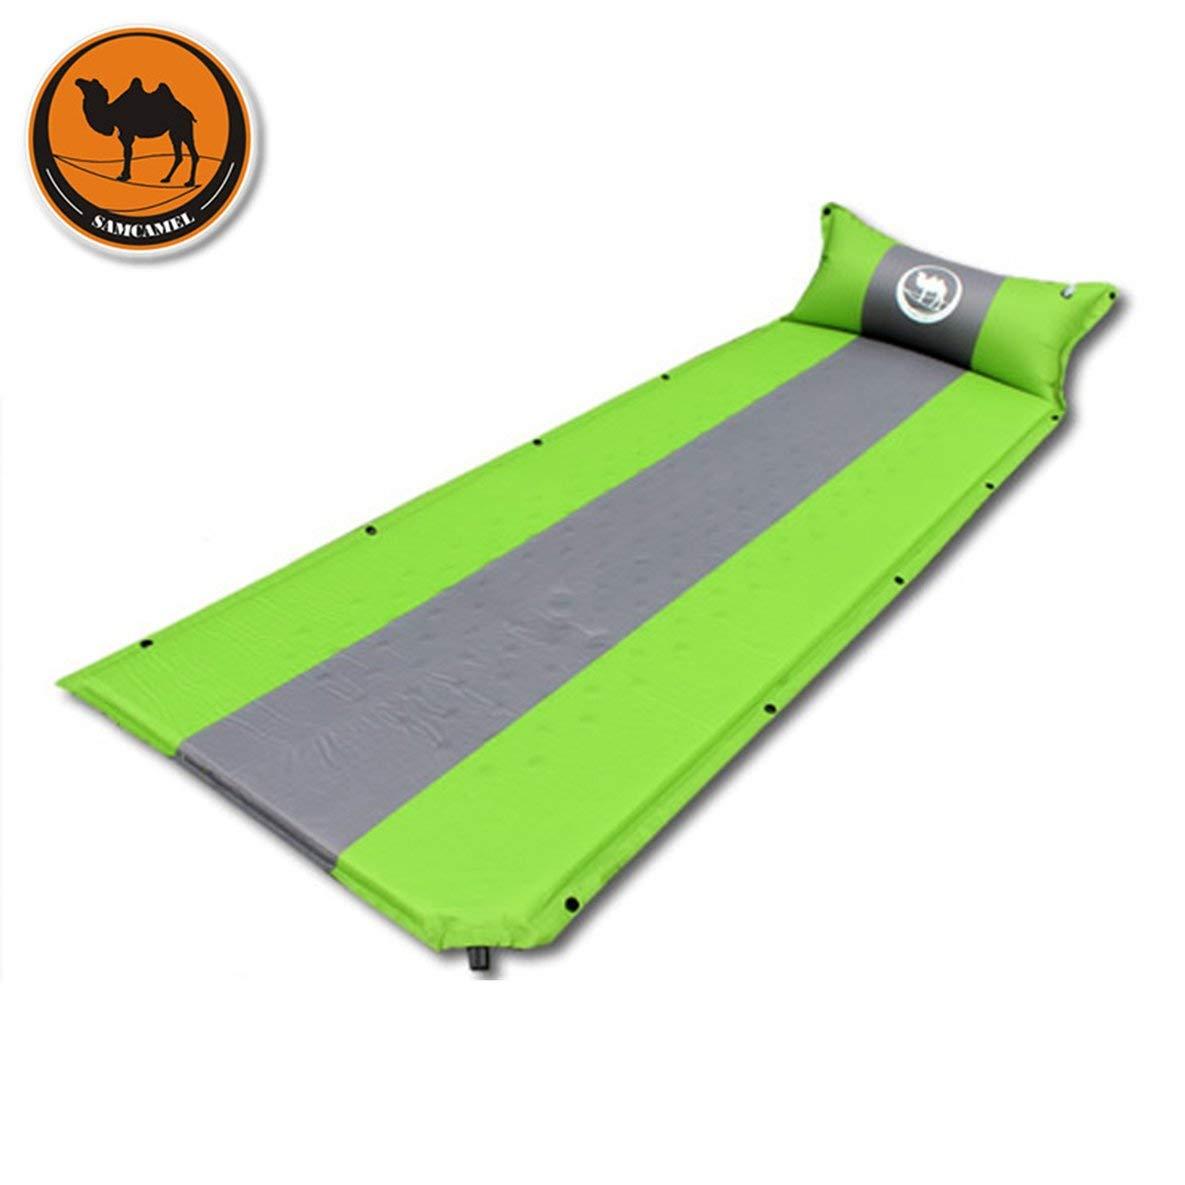 Moliies Desert Camel CS036 Hochwertige selbstaufblasende Matratze für Outdoor-Campingmatten